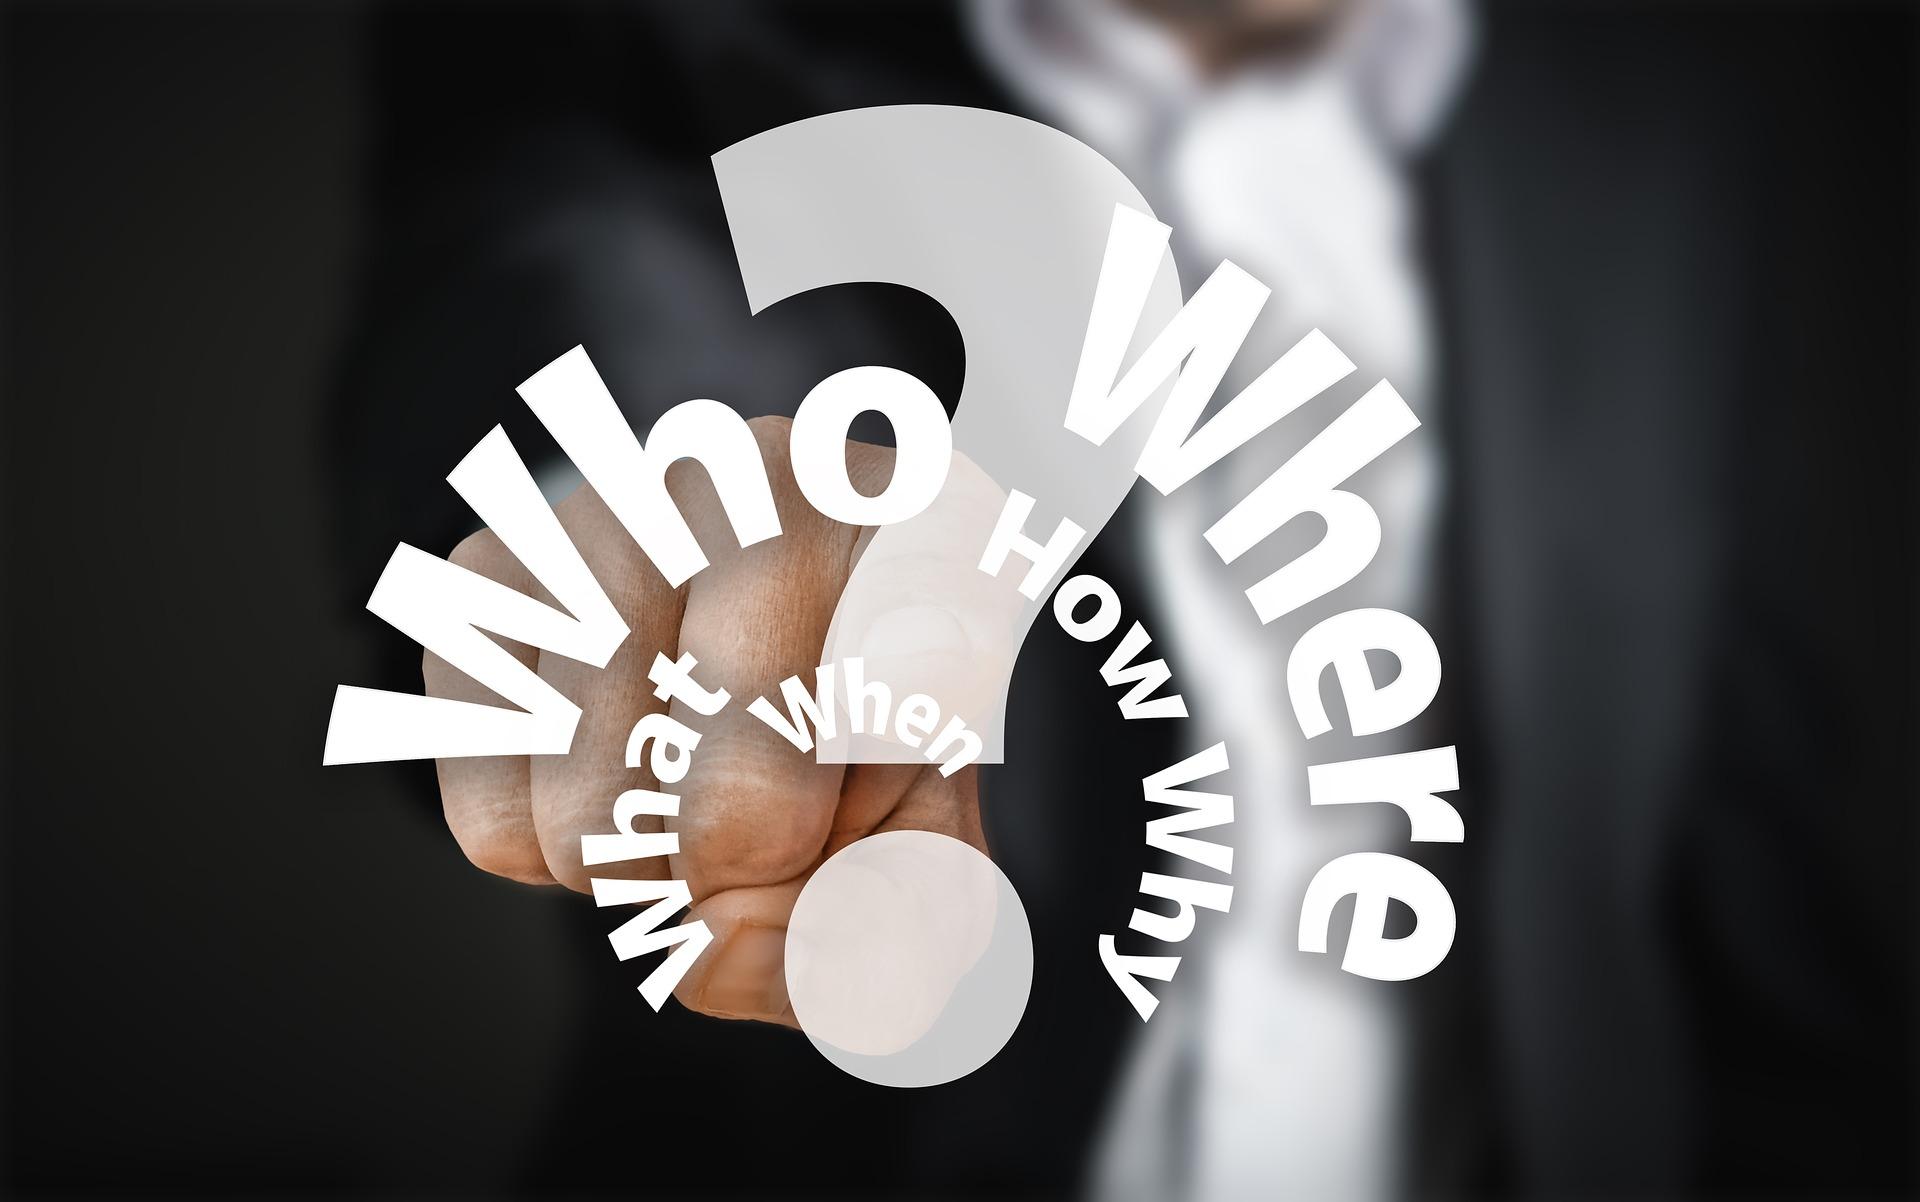 Аккредитация филиала, аккредитация представительства. Часто задаваемые вопросы. Часть 1